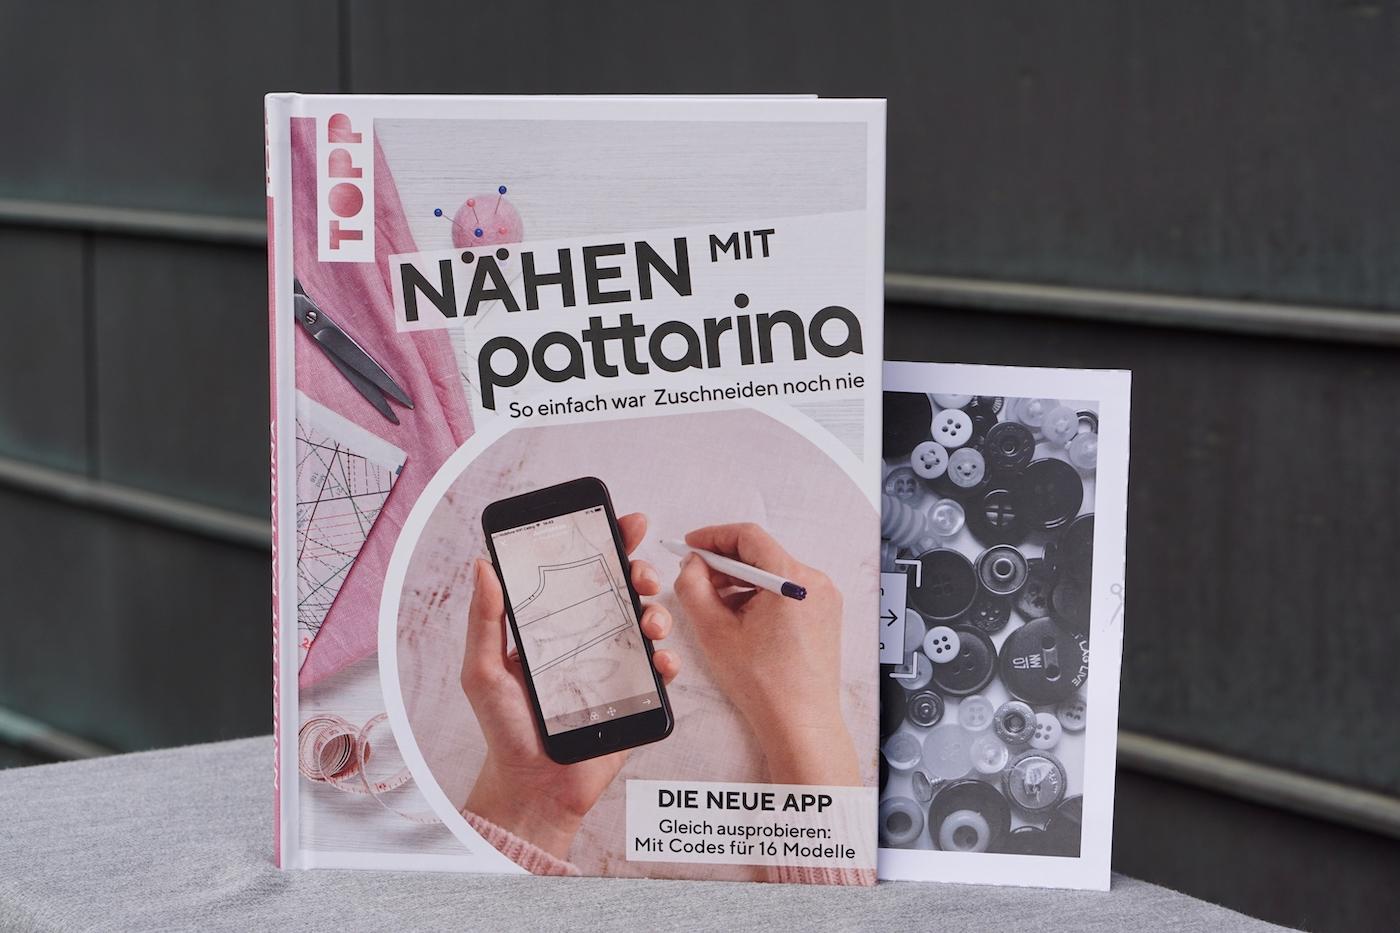 Pattarina Buch mit Anker – Schnittmuster mit Augmented Reality übertragen